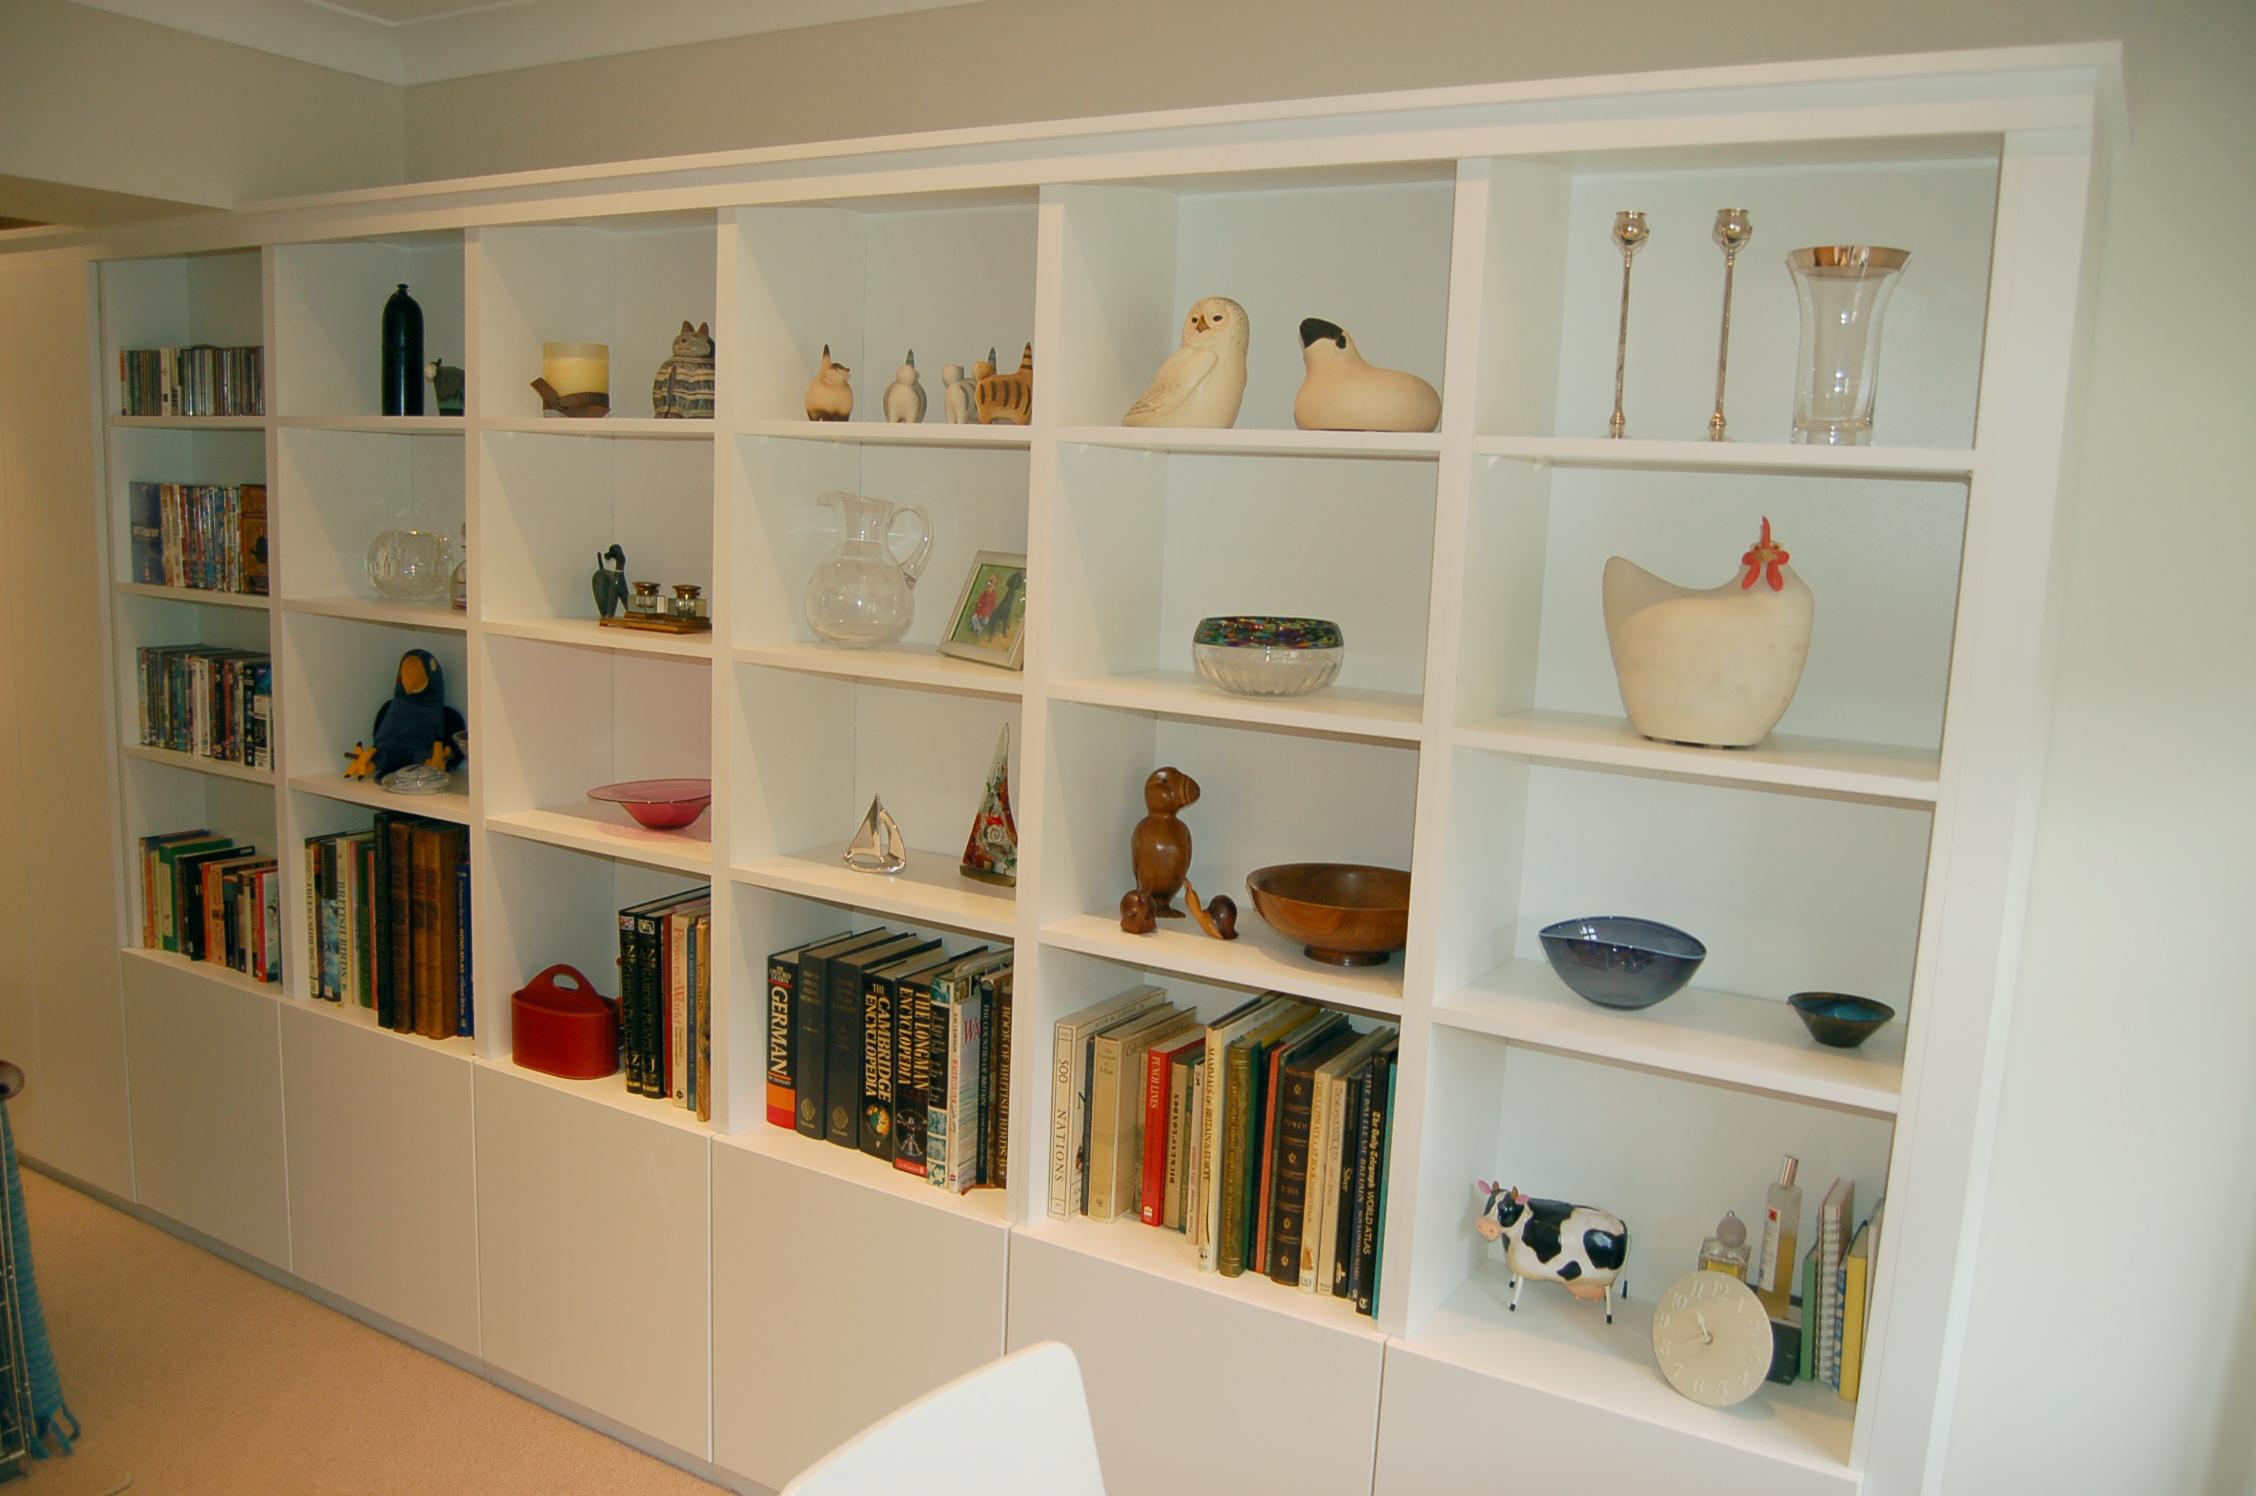 All White Shelving & Storage